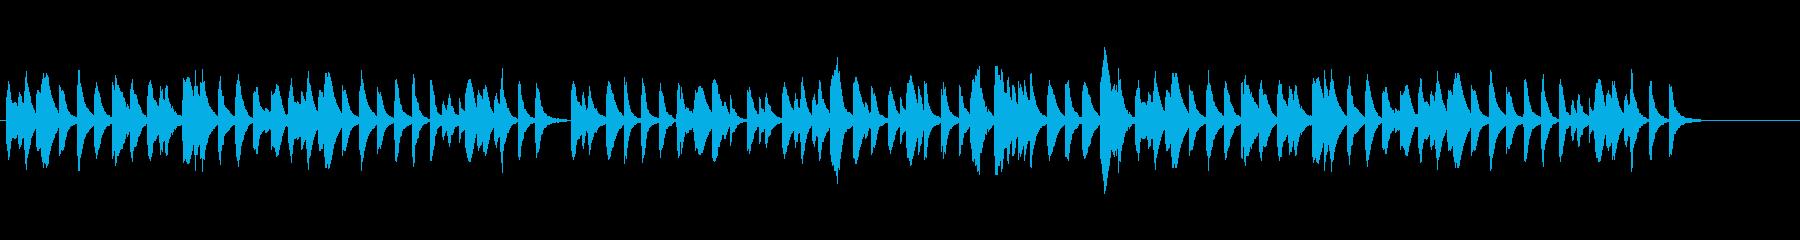 マリンバソロでとぼけた雰囲気の再生済みの波形